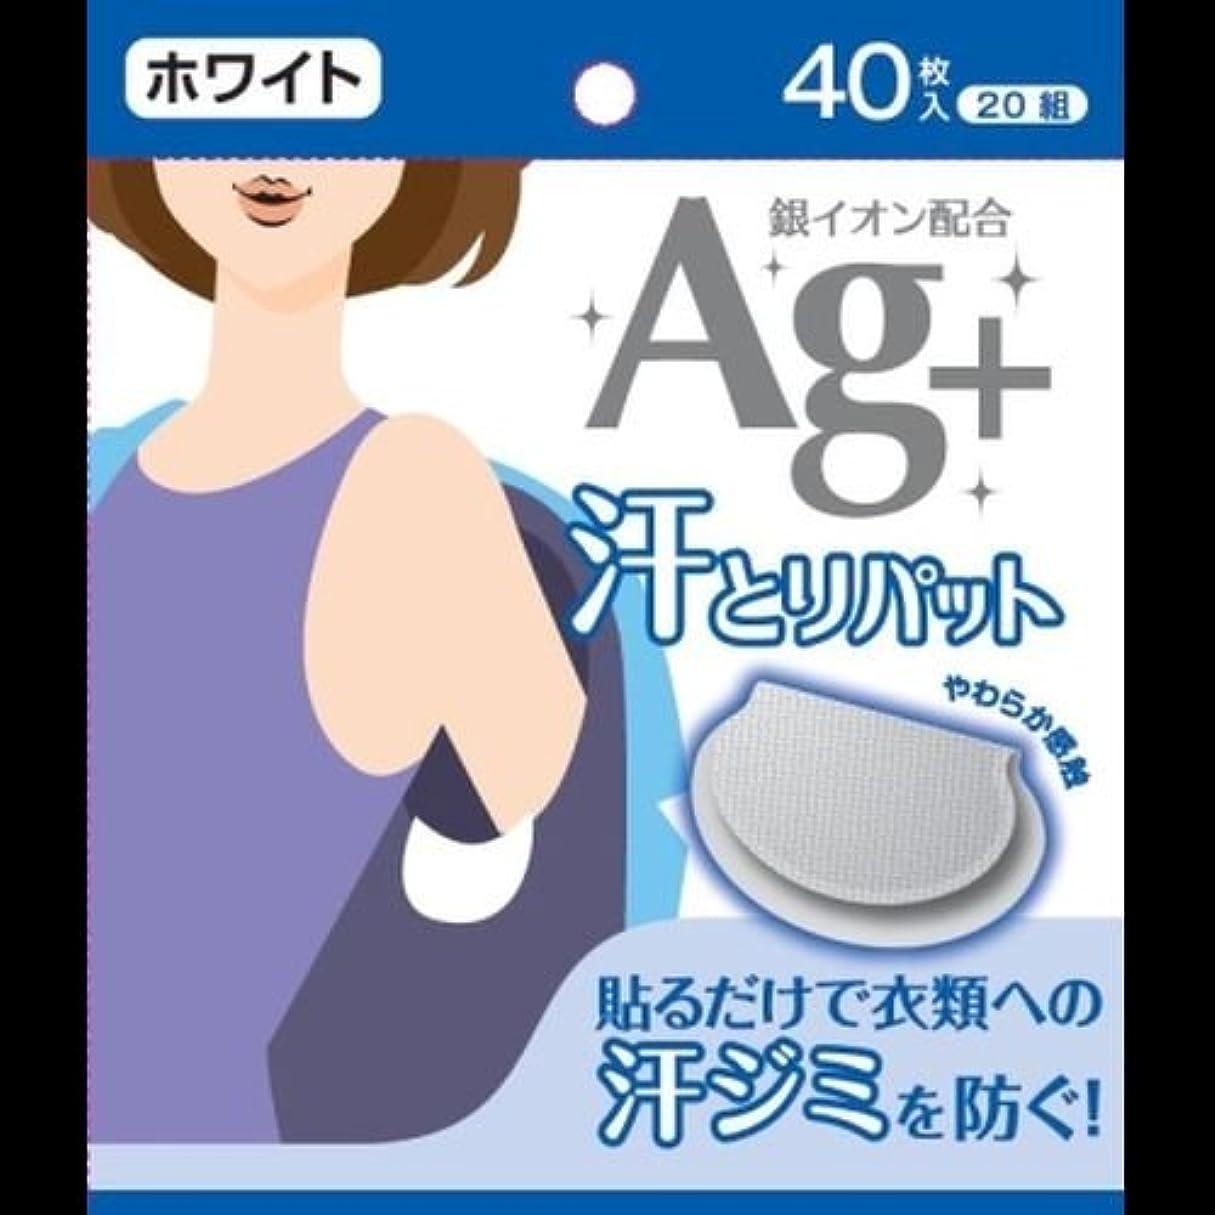 関係する特に精査するAg+汗とりパット ホワイト 40枚入(20組) ×2セット